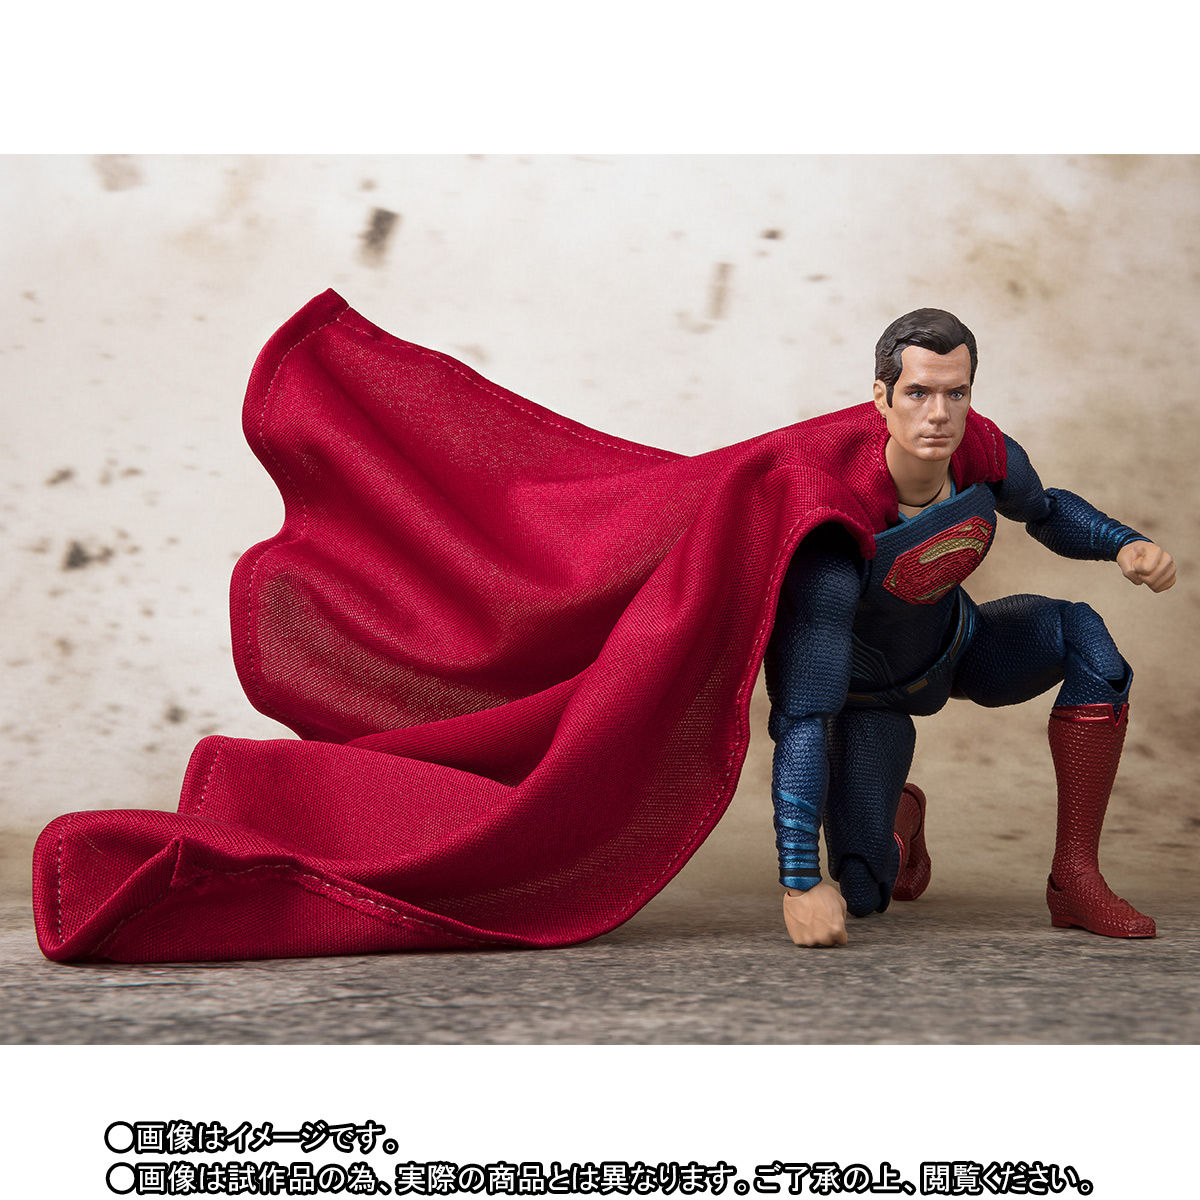 SH-Figuarts-JL-Superman-005